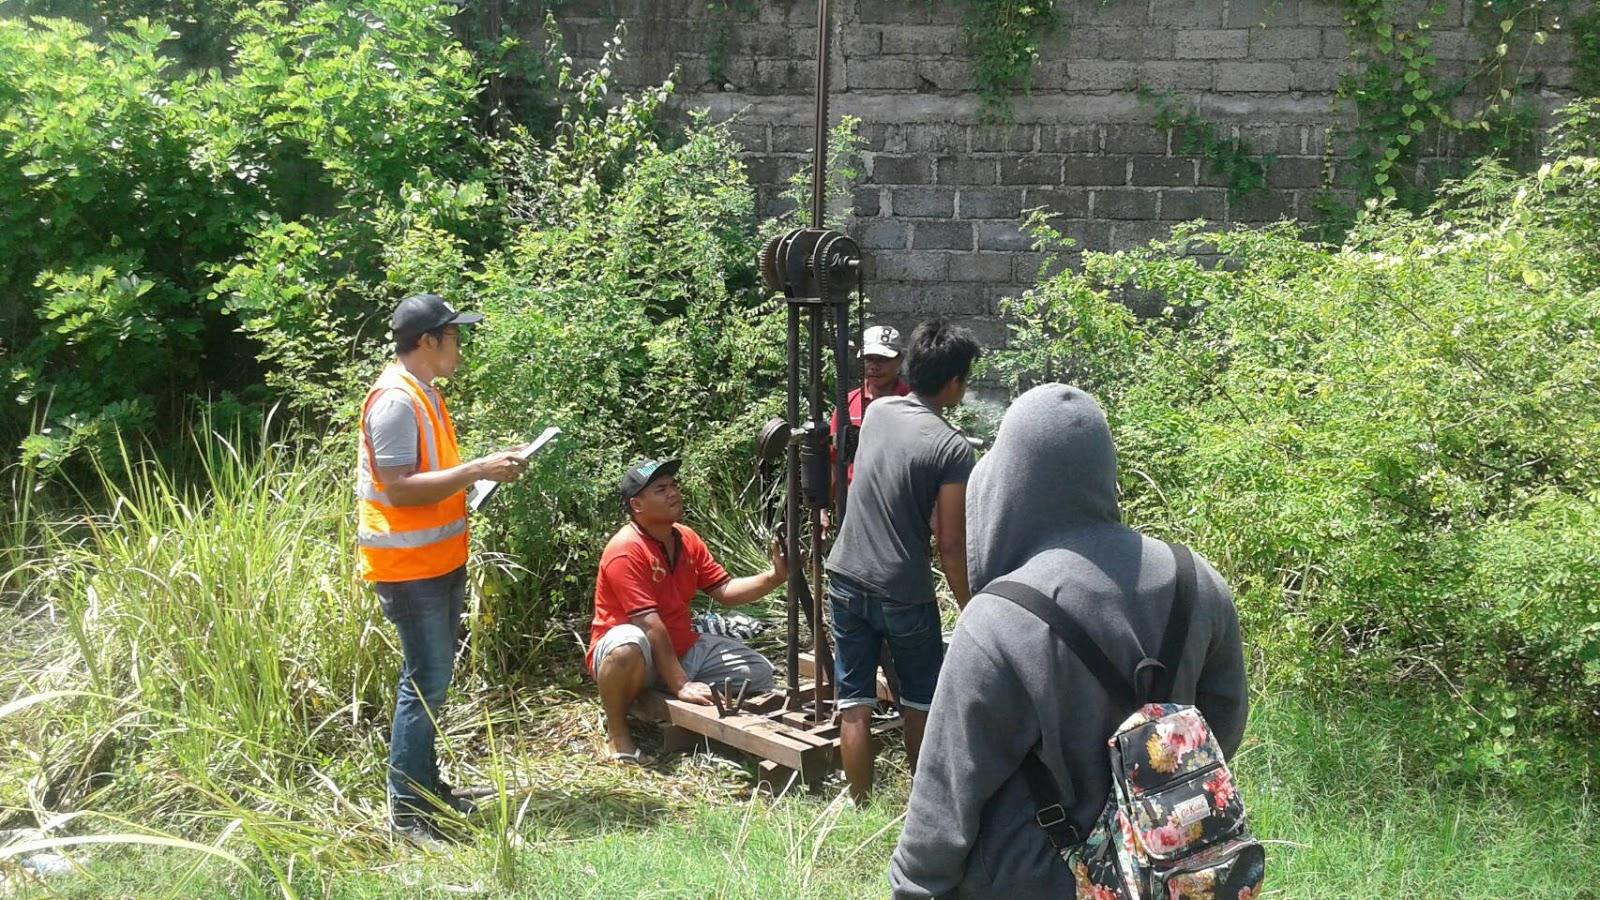 Jasa Uji Tanah Sondir Naranta Karya Jasa Sondir Bali Jasa Test Tanah Jasa Penyelidikan Tanah Uji Sondir Uji Tanah Soil Investigation Soil Testing Test Sondir Test Sondir Bali Test Sondir